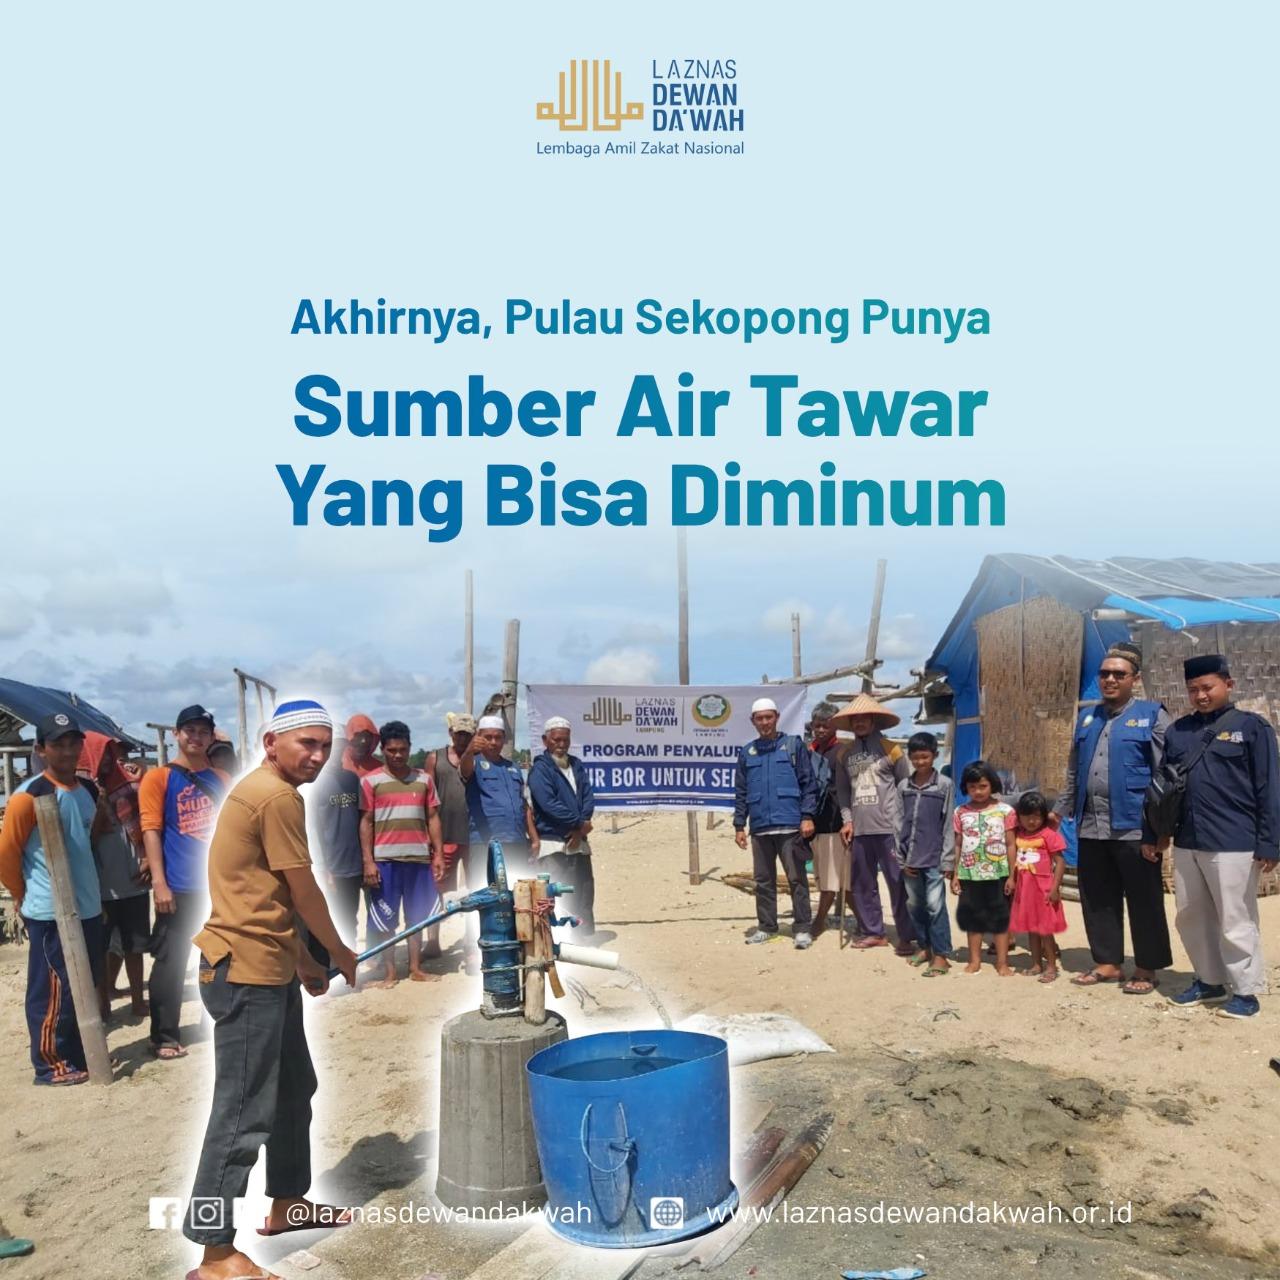 LAZNAS Dewan Dakwah Lampung Bangun Sumur Bor untuk Warga Pulau Sekopong